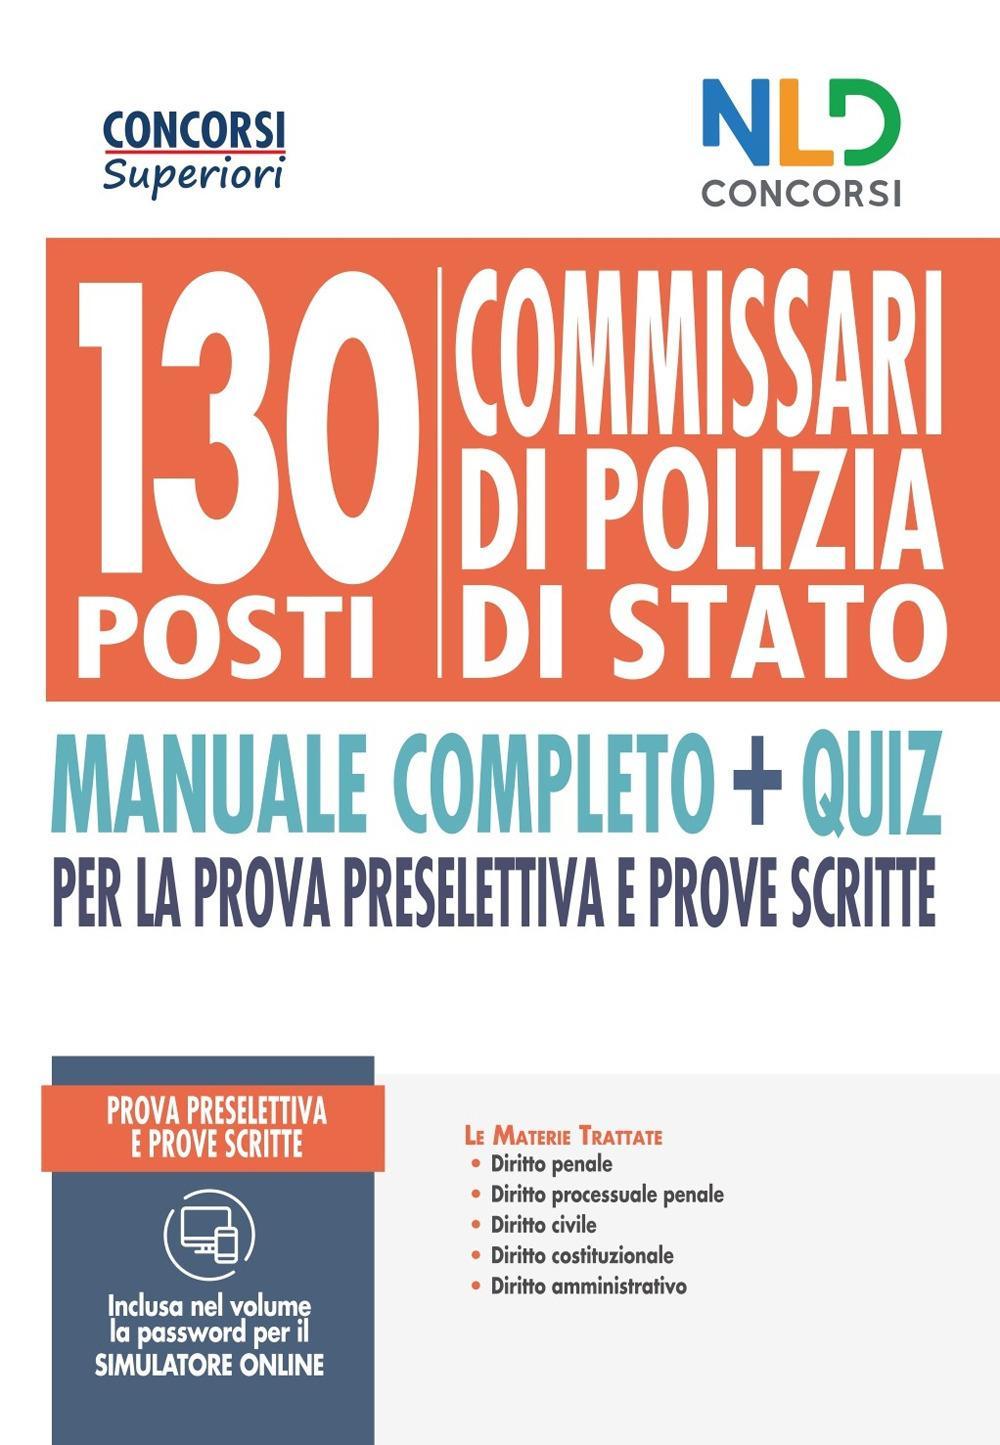 CONCORSO 130 POSTI COMMISSARI DI POLIZIA DI STATO – Manuale completo + Quiz